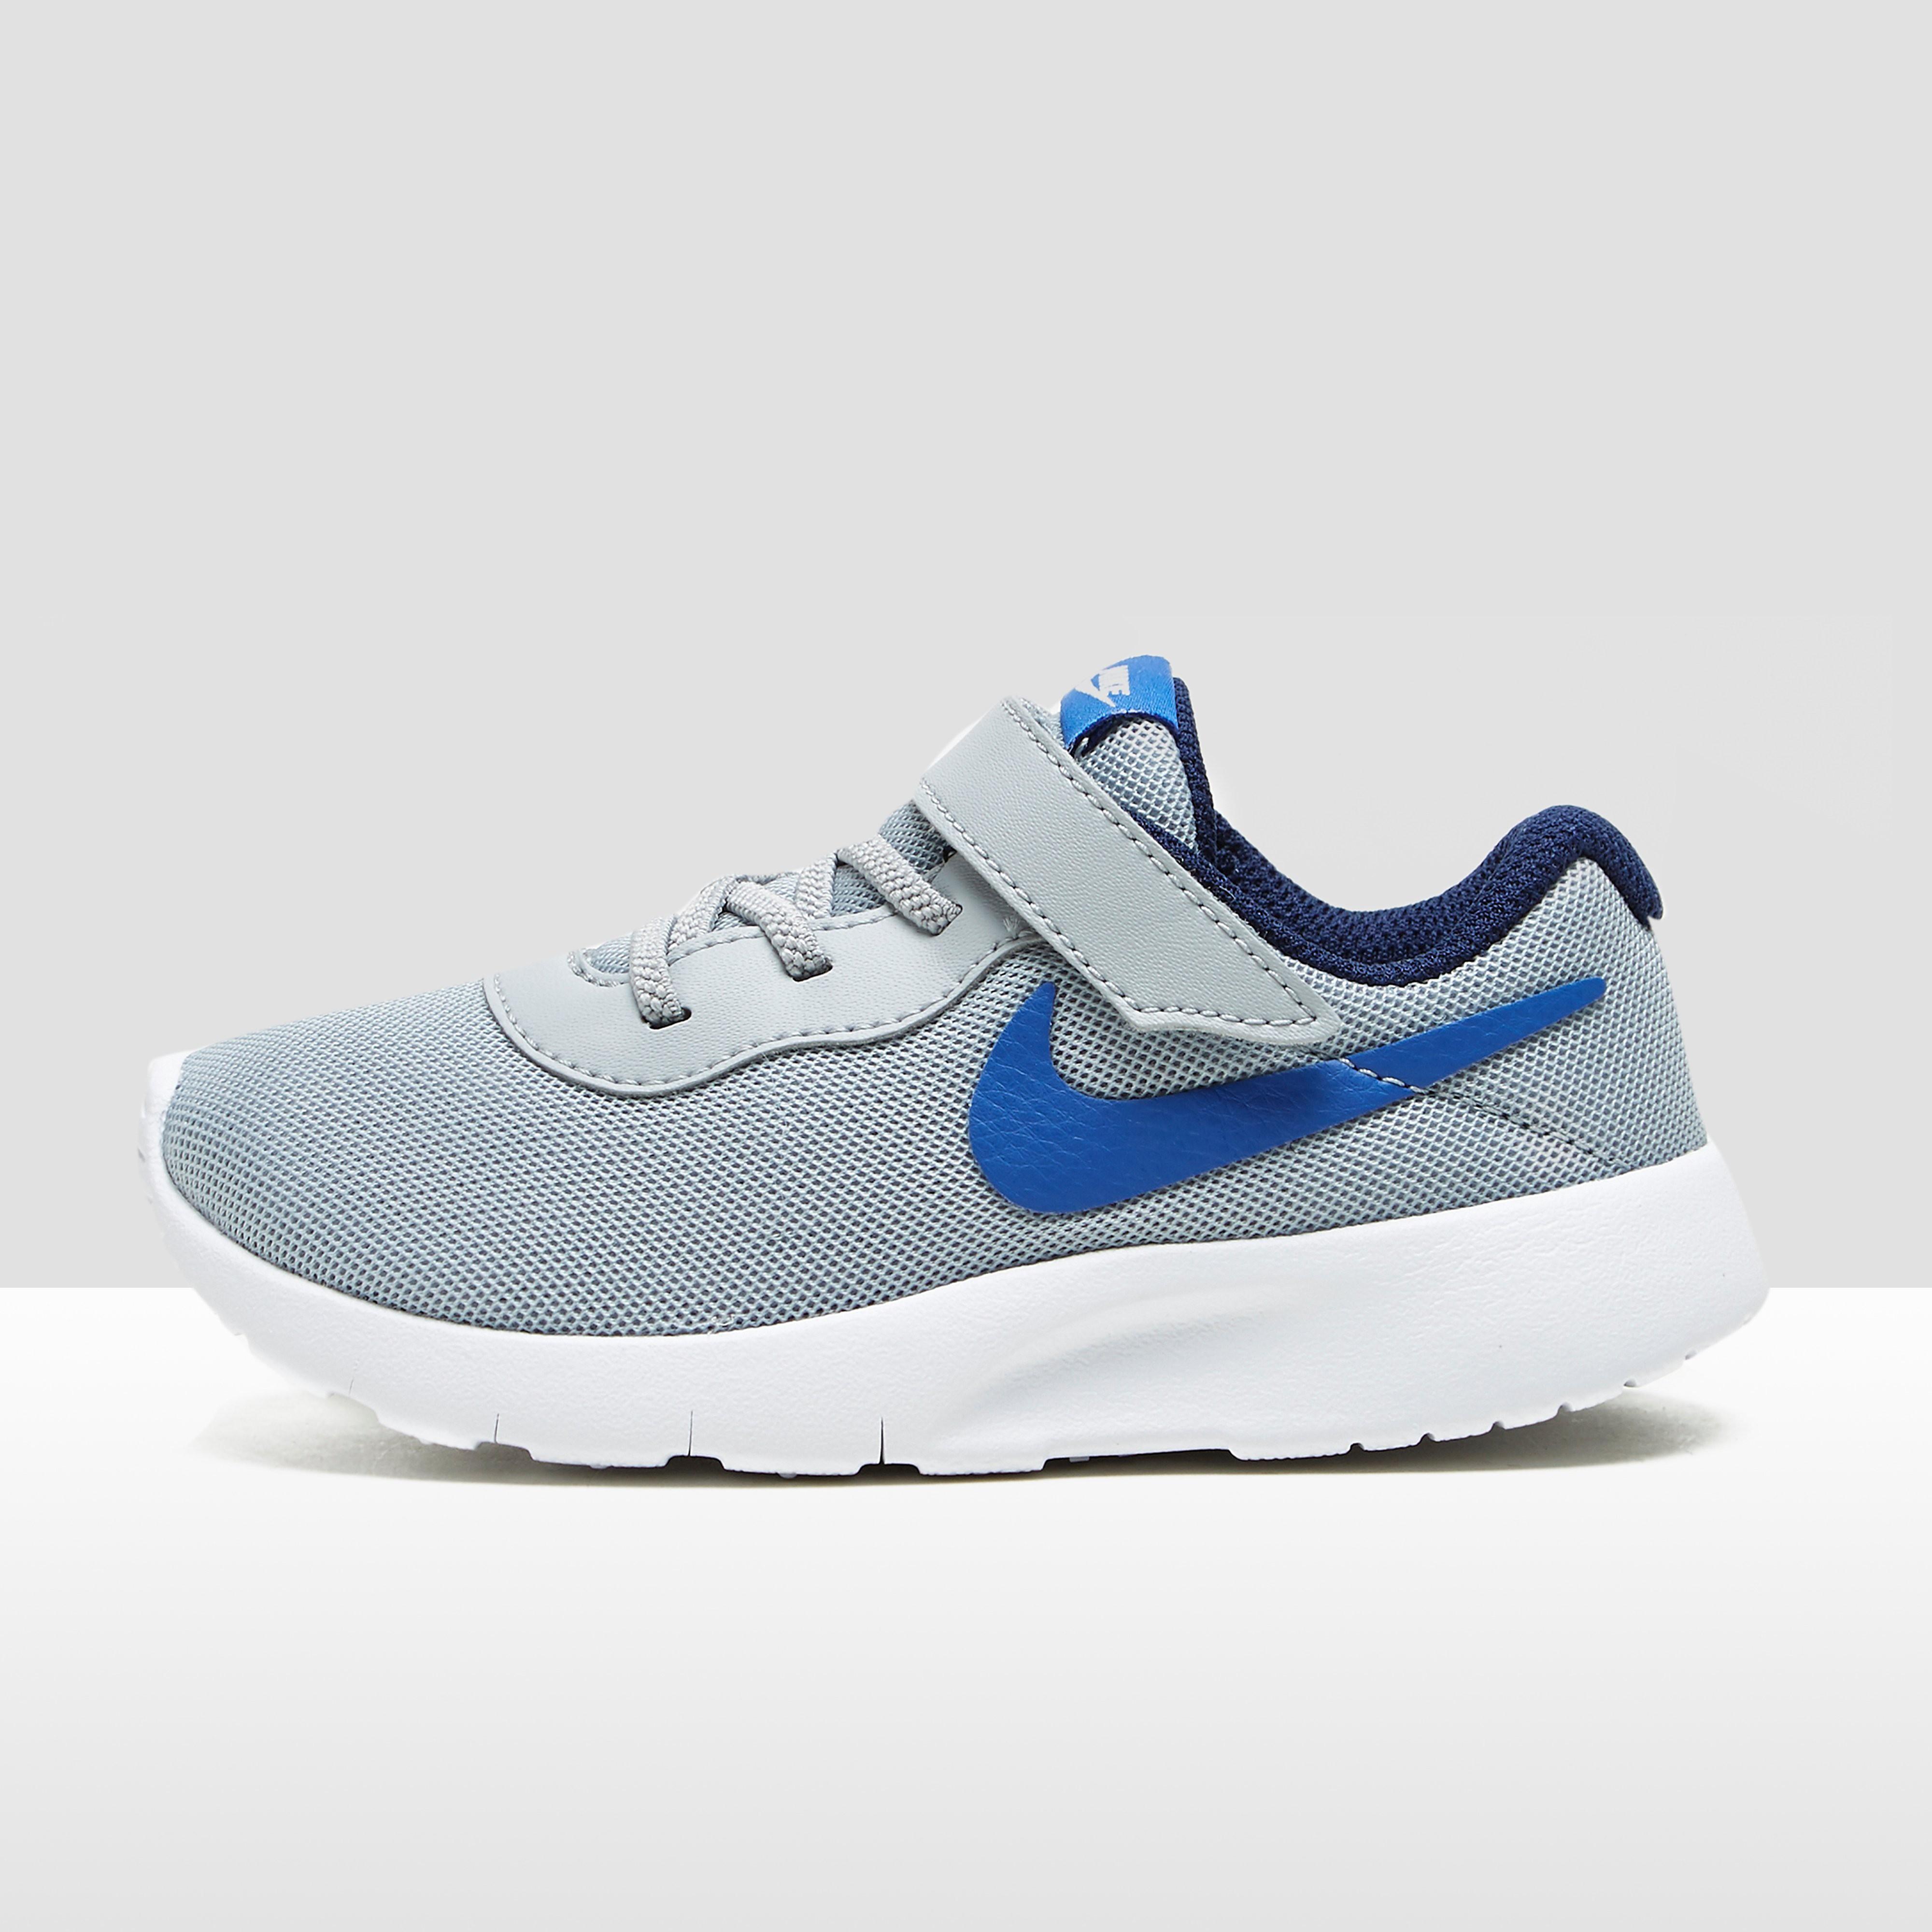 Nike Tanjun babysneaker grijs